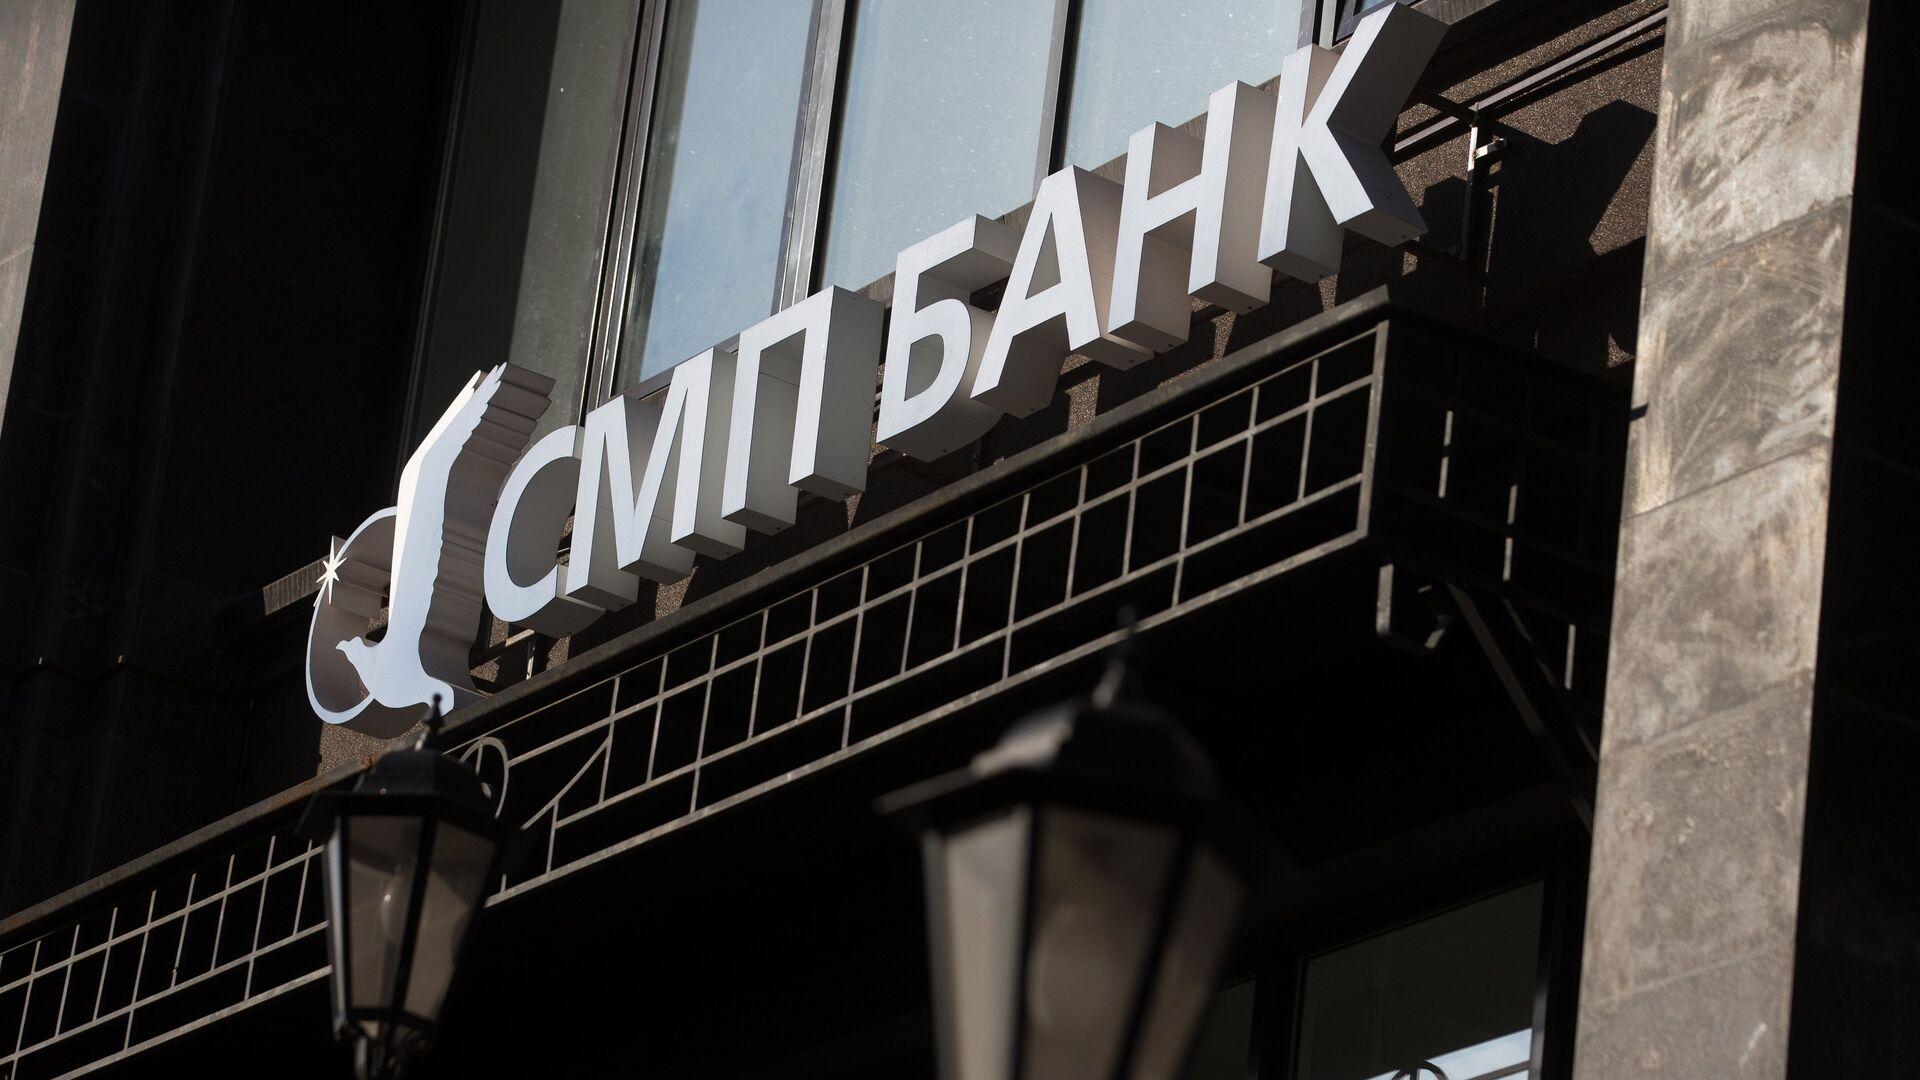 Вывеска ОАО СМП Банк - РИА Новости, 1920, 16.09.2020